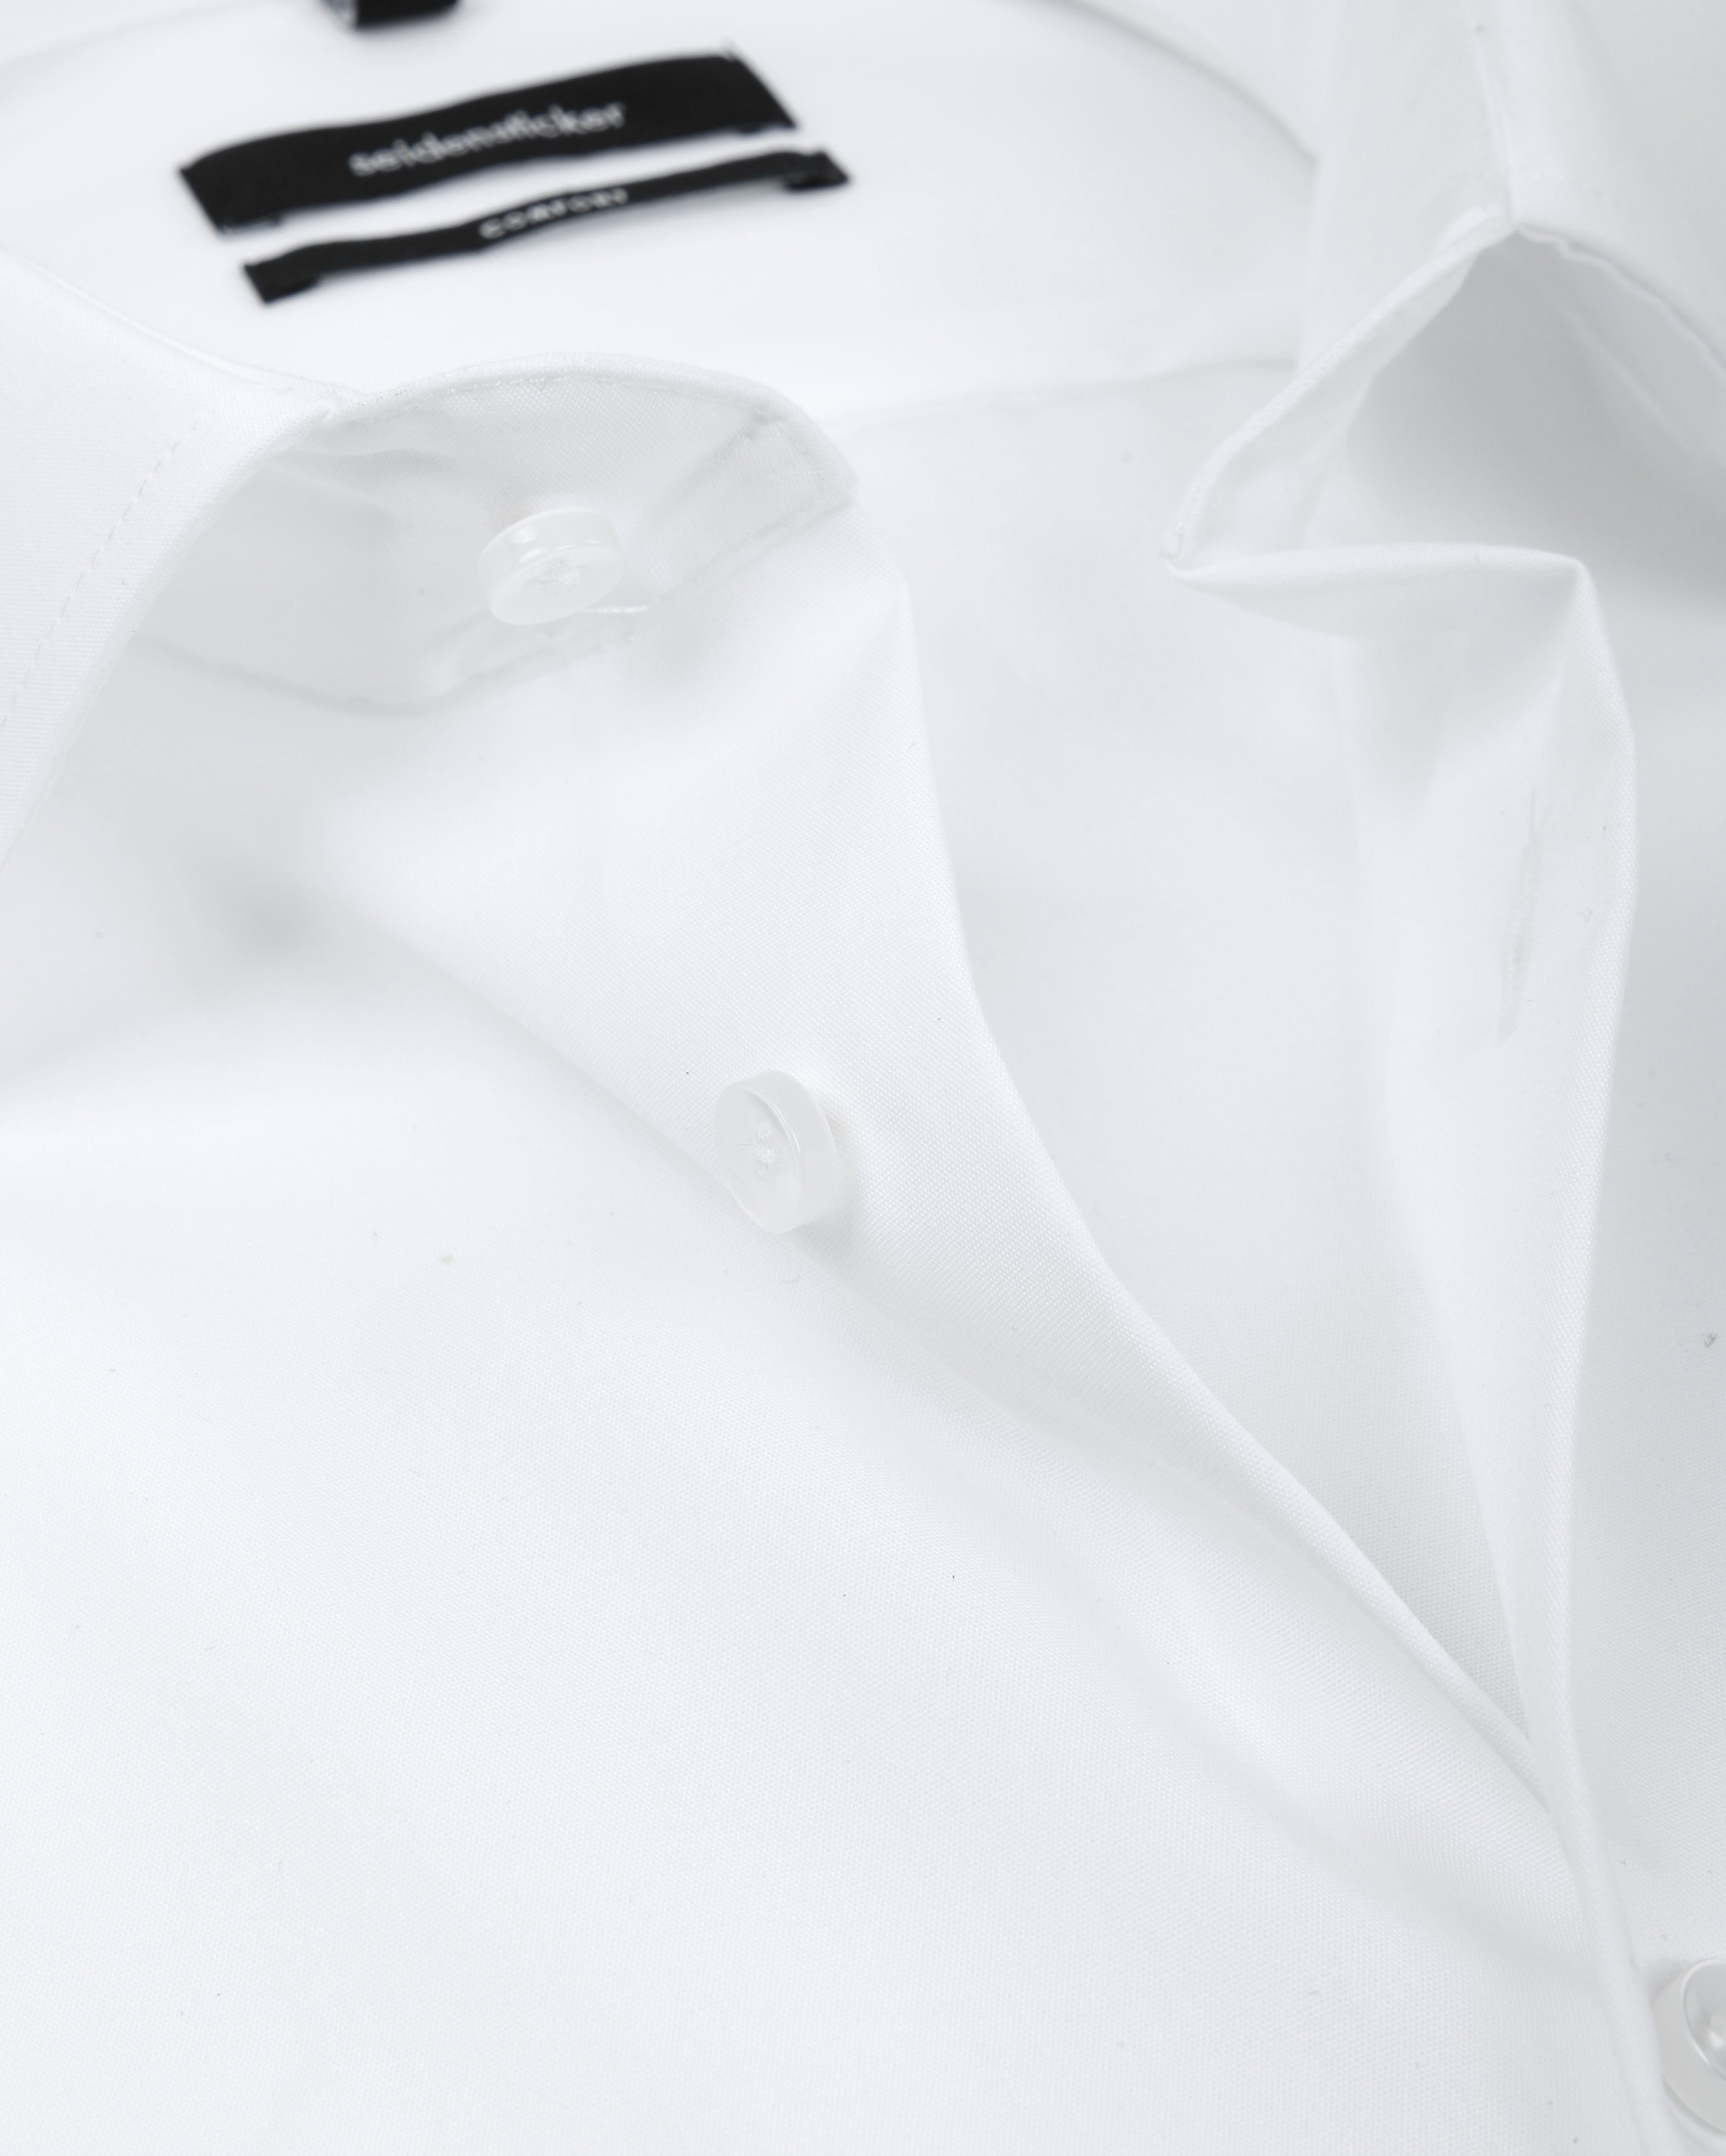 Seidensticker Strijkvrij Comfort-Fit Wit SS foto 1